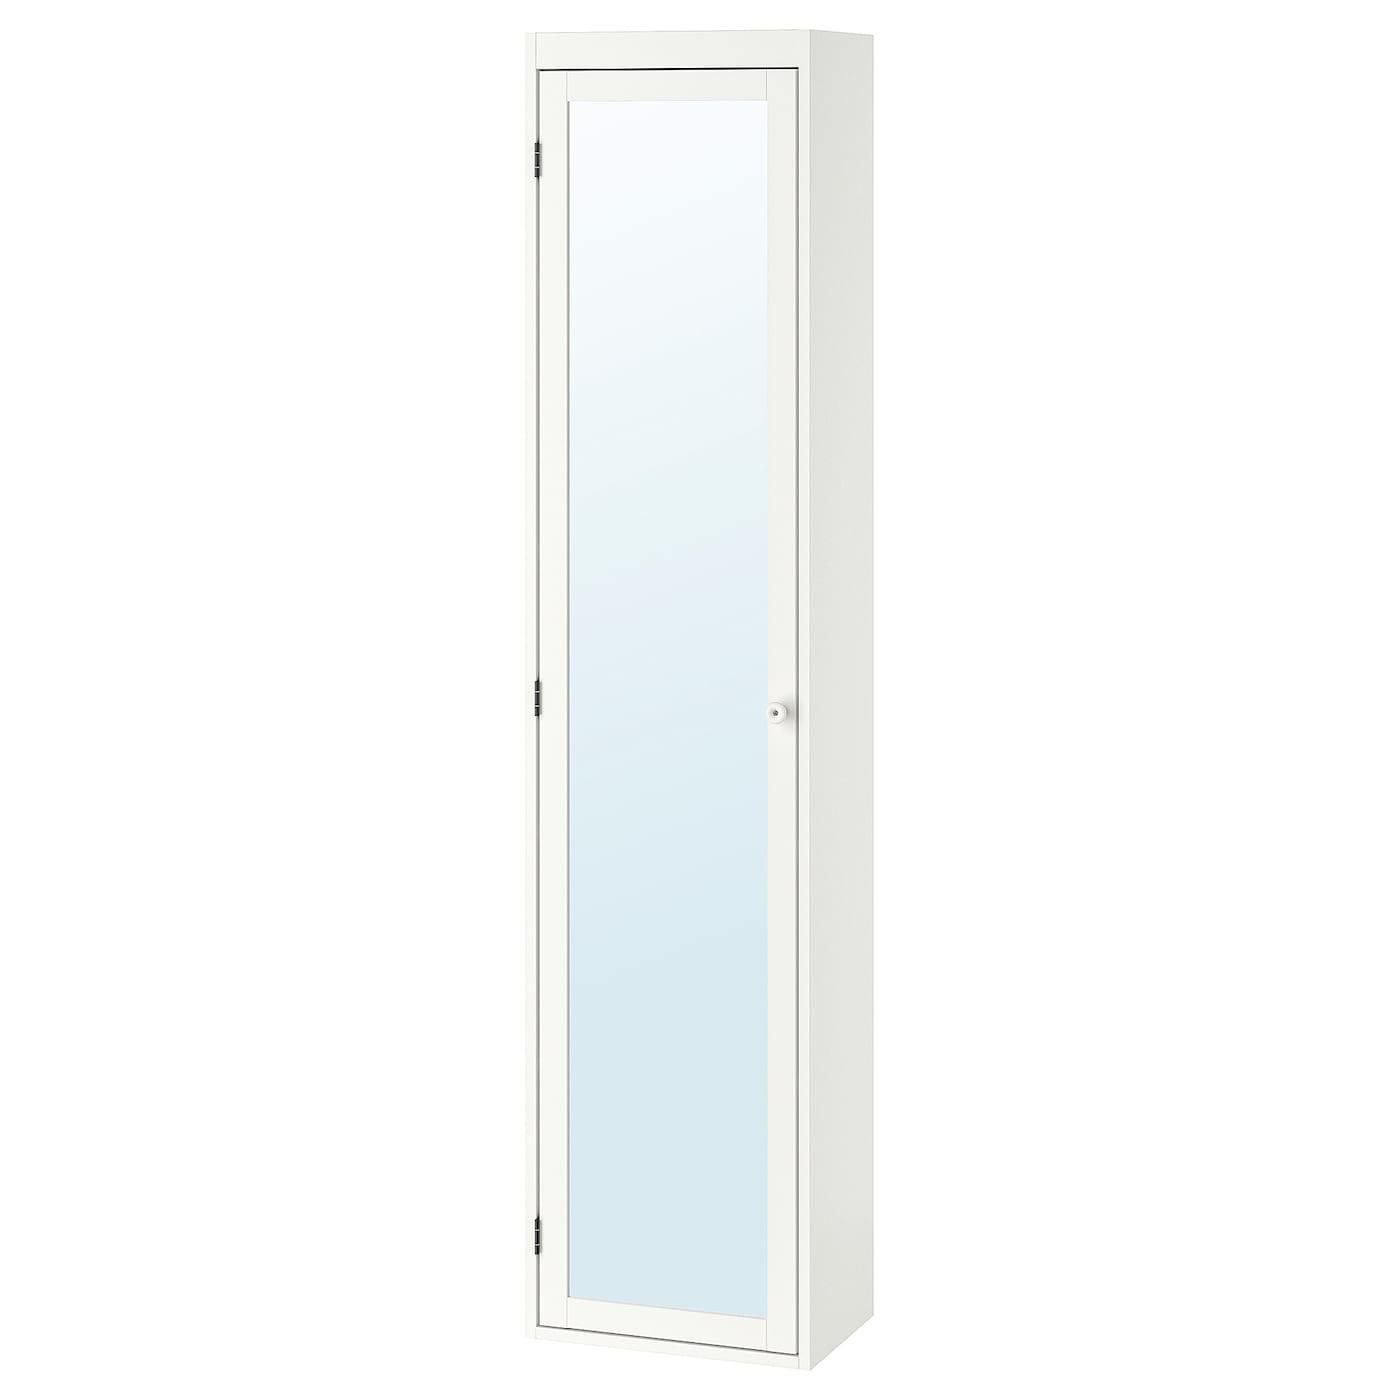 IKEA SILVERÅN biała, wysoka szafka z lustrzanymi drzwiami, 40x25x172 cm